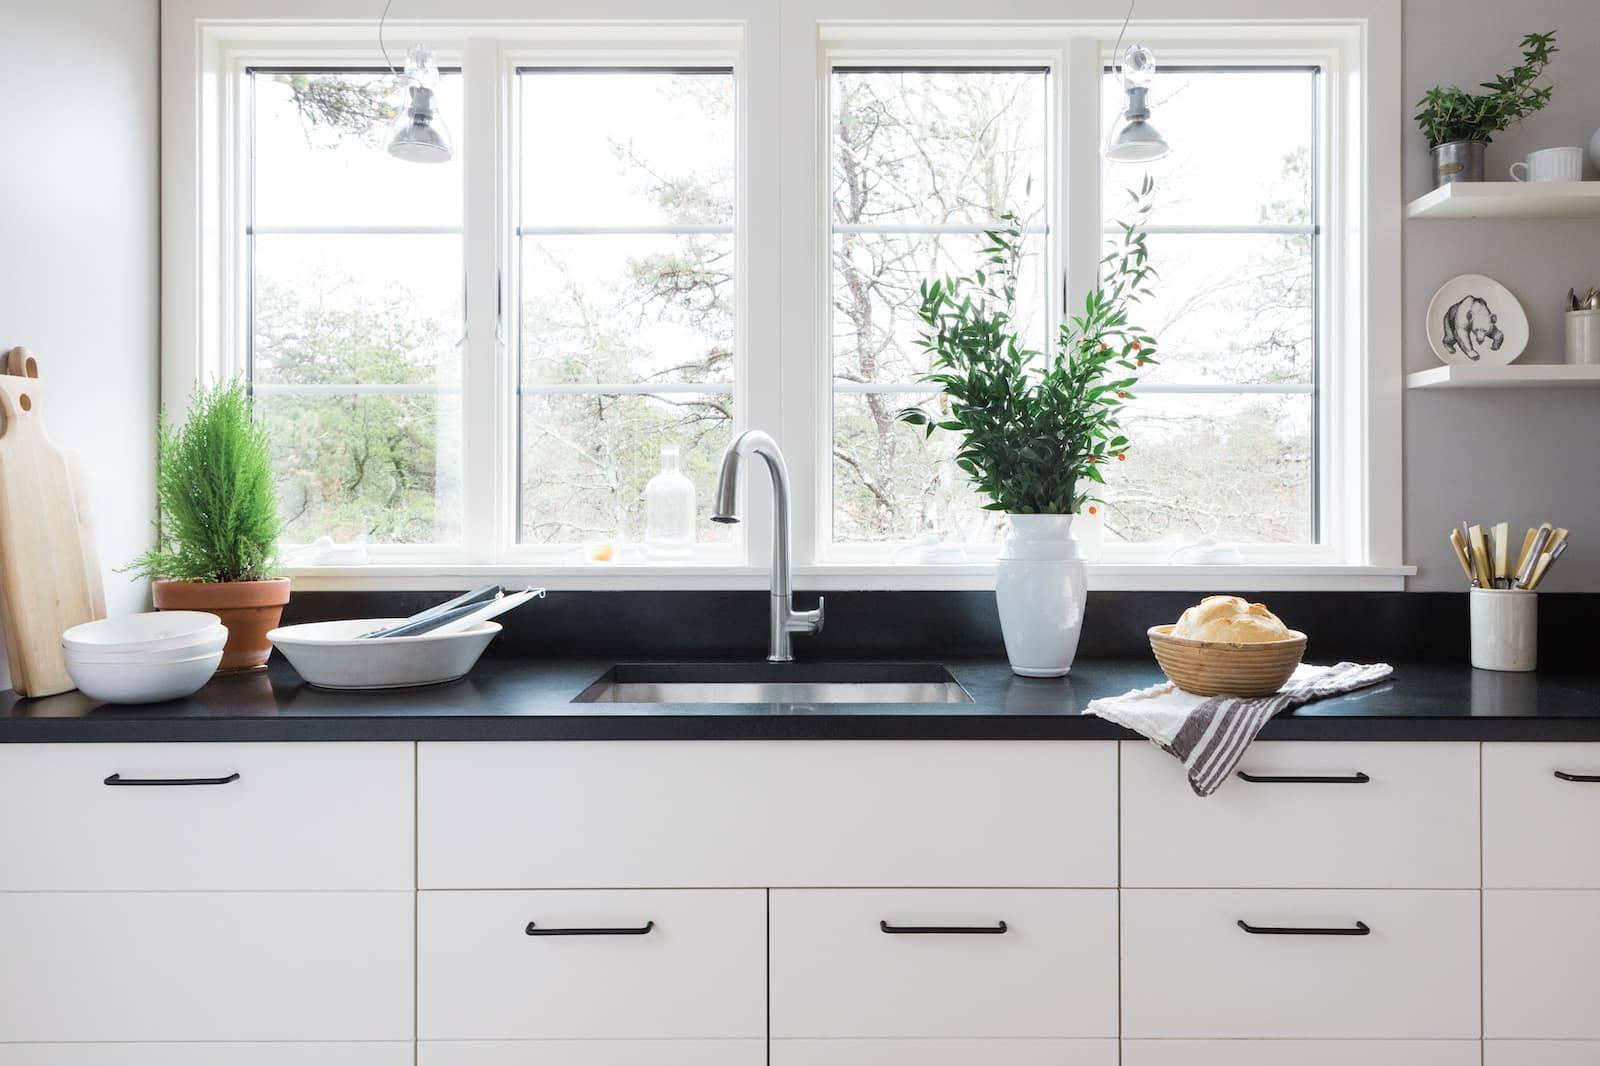 Какие бывают кухни с окном и как их лучше оформить